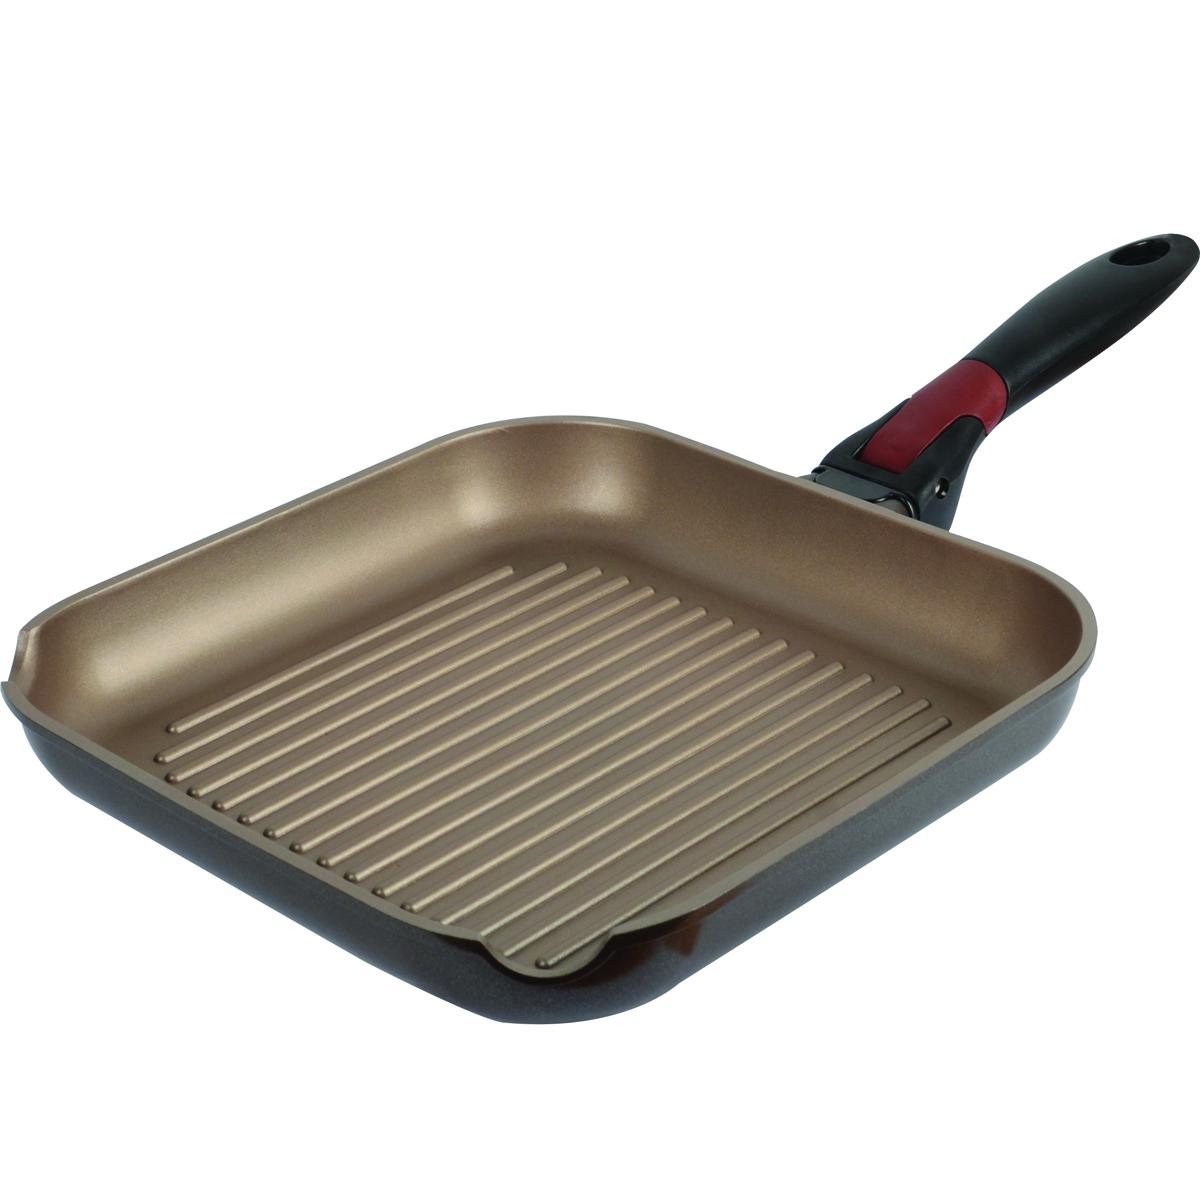 Сковорода-гриль Polaris One Click, с антипригарным покрытием, со съемной ручкой, 26 х 26 смOC-26GСковорода Polaris One Click изготовлена из высококачественного литого алюминия. Высокопрочное износостойкое антипригарное покрытие Whitford Xylan обеспечивает непревзойденную стойкость к царапинам, поэтому при готовке можно использовать металлические кухонные аксессуары. Покрытие экологично, не содержит примеси PFOA и PTFE. Специальное утолщенное дно обеспечивает равномерный нагрев. Эргономичная бакелитовая ручка не нагревается и не скользит. Ручка съемная, что позволяет использовать сковороду в духовке. Рифленая поверхность сковороды имитирует решетку гриля и образует аппетитную корочку, при этом жир стекает в желобки, не давая продуктам контактировать с ним, что обеспечивает приготовление здоровой пищи. С обеих сторон сковороды имеются отверстия для слива жидкости. Можно мыть в посудомоечной машине. Подходит для газовых, электрических и стеклокерамических плит, включая индукционные. Также подходит для духовки без использования...